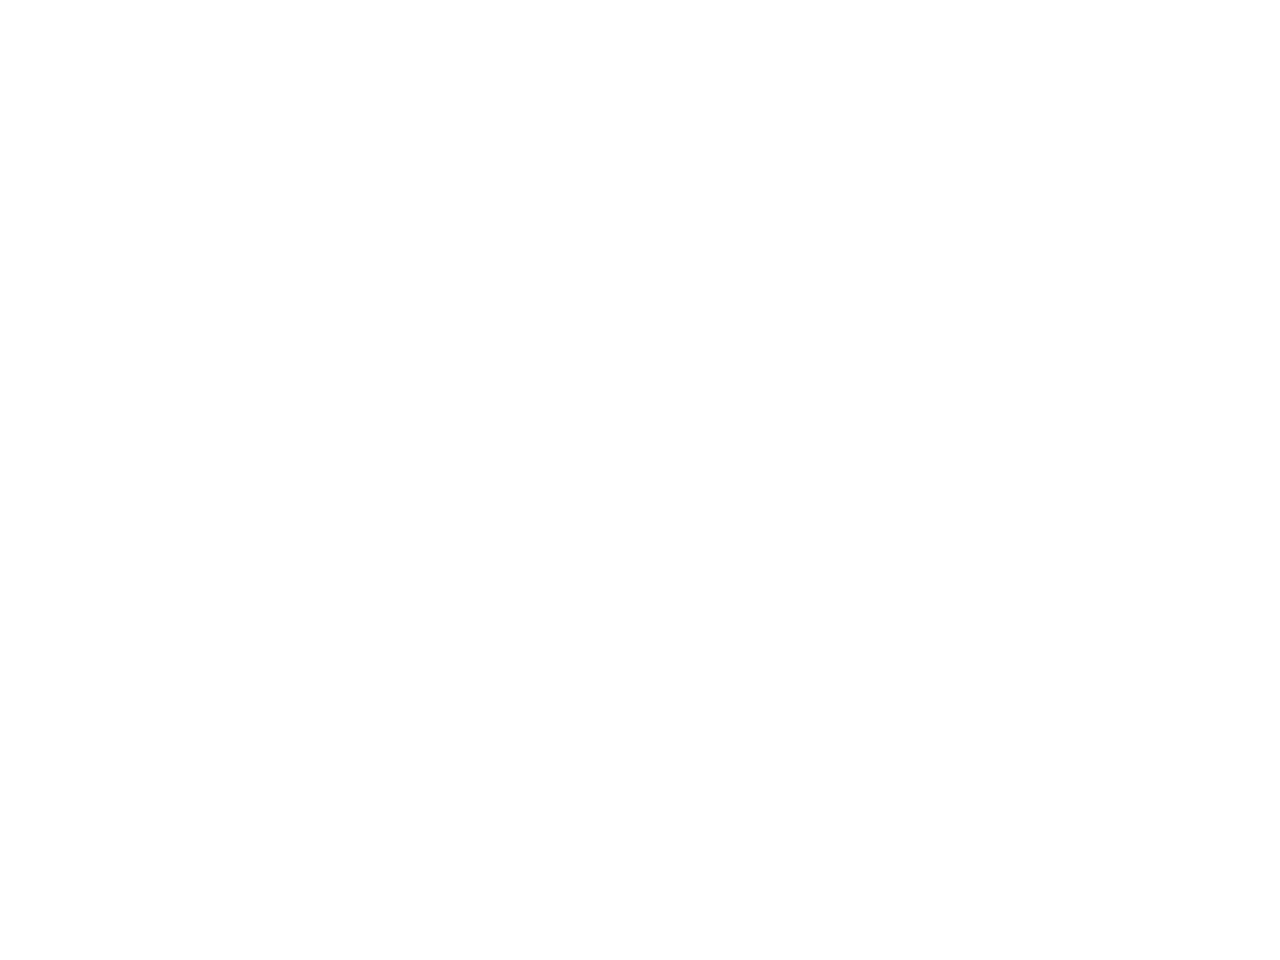 动物资讯网